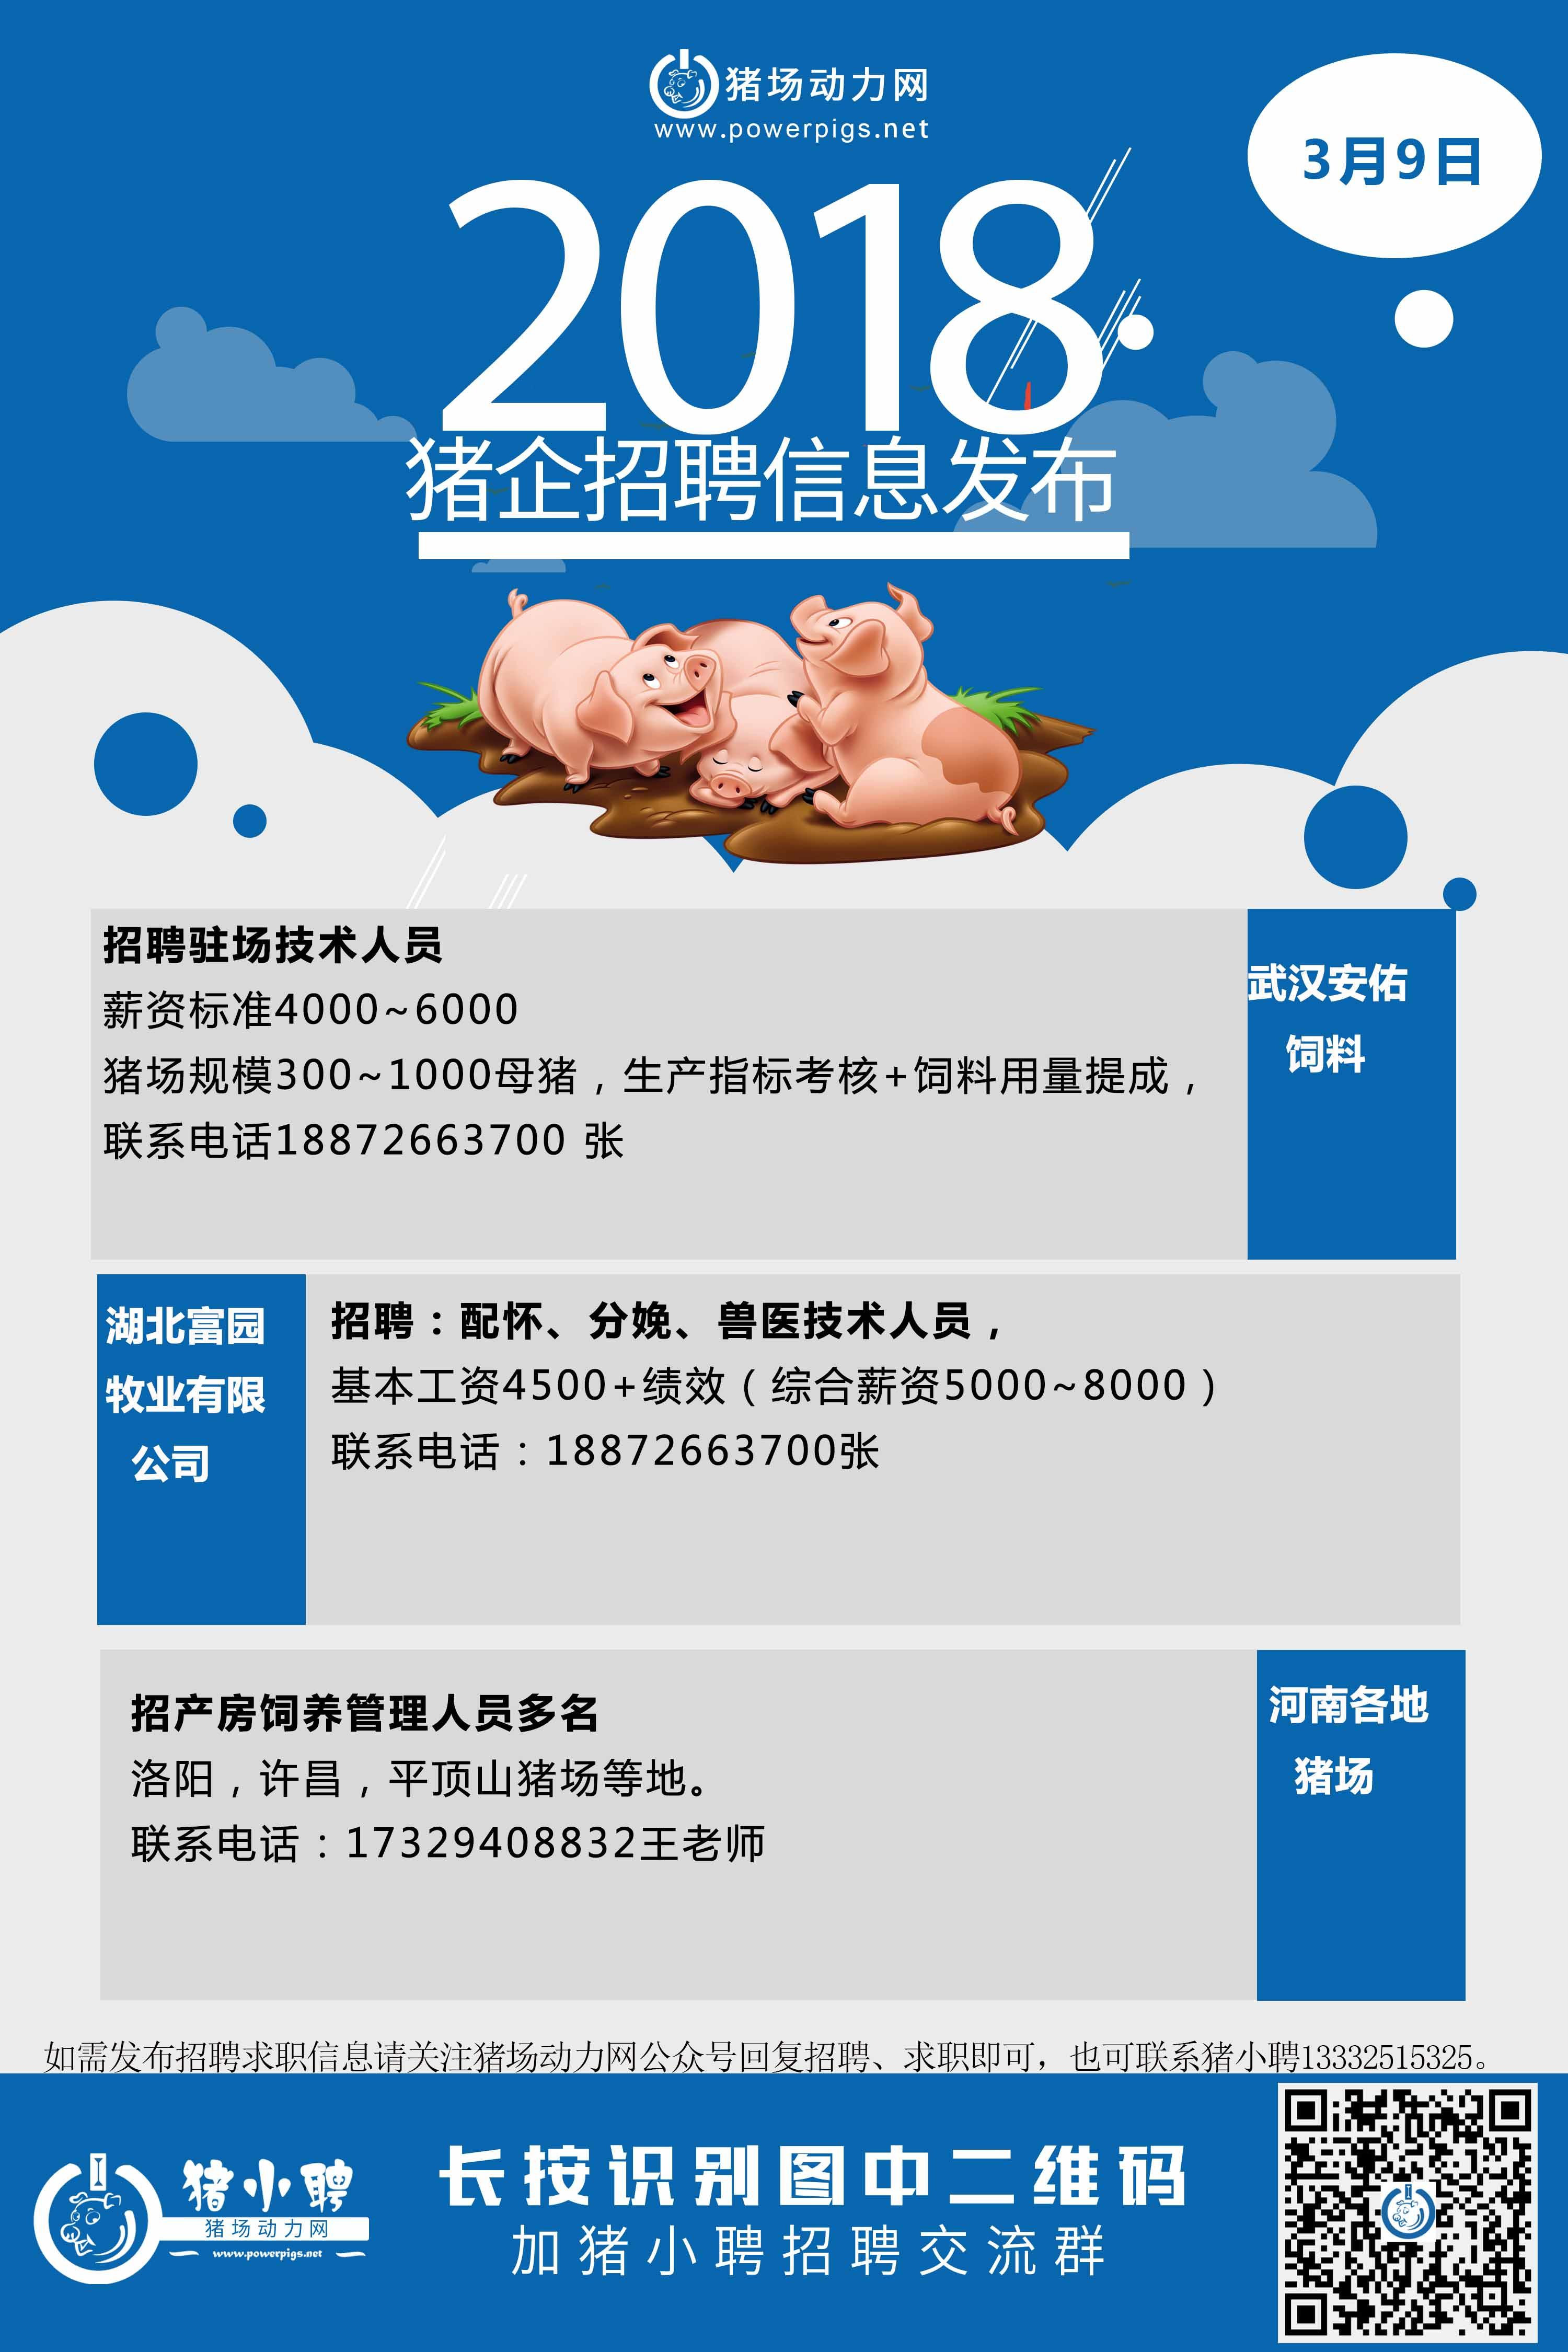 3.10日猪场招聘.jpg